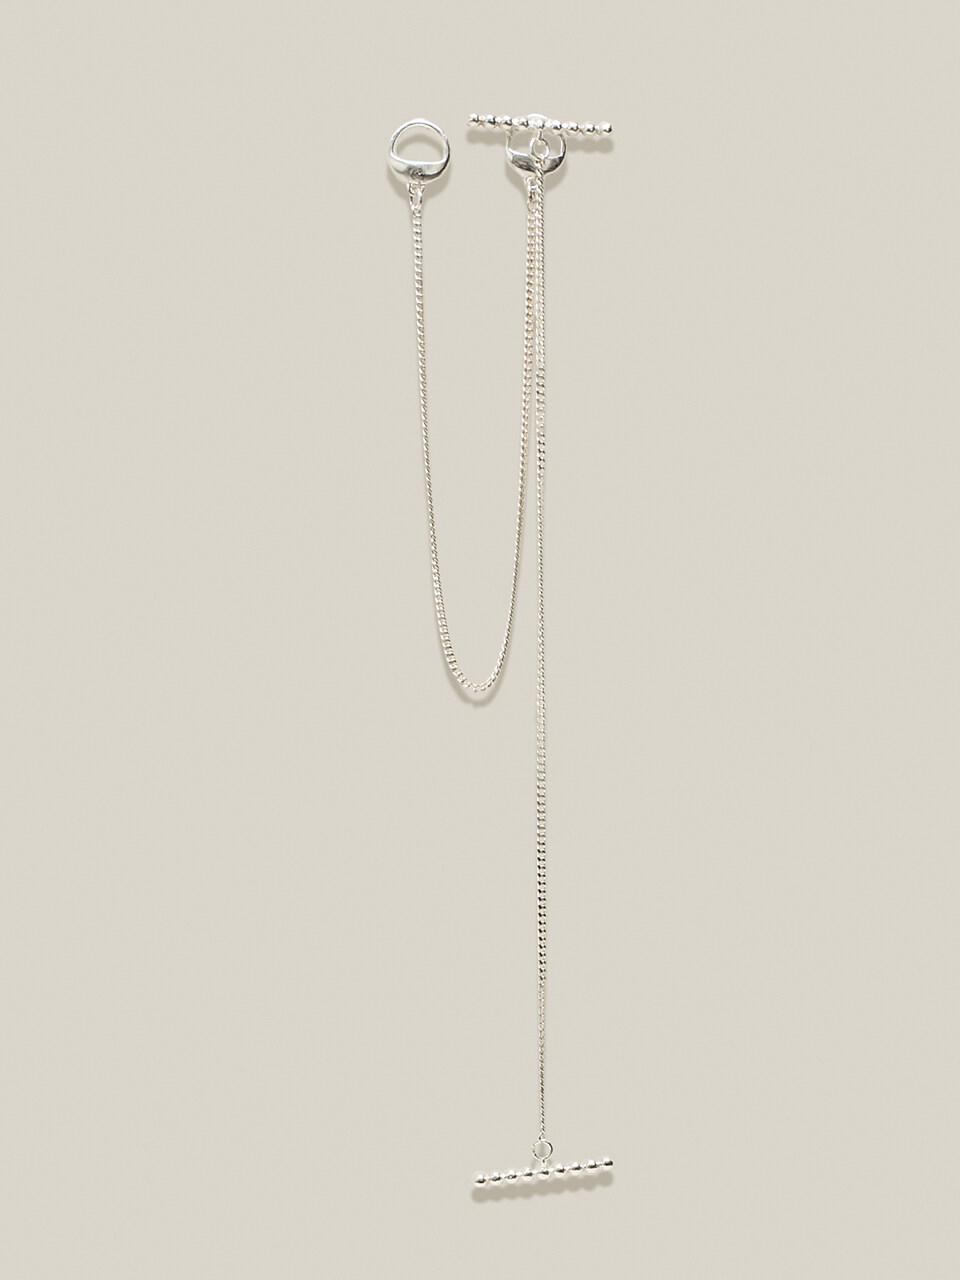 로르허(LORHER) 인피니티 레어이드 귀걸이